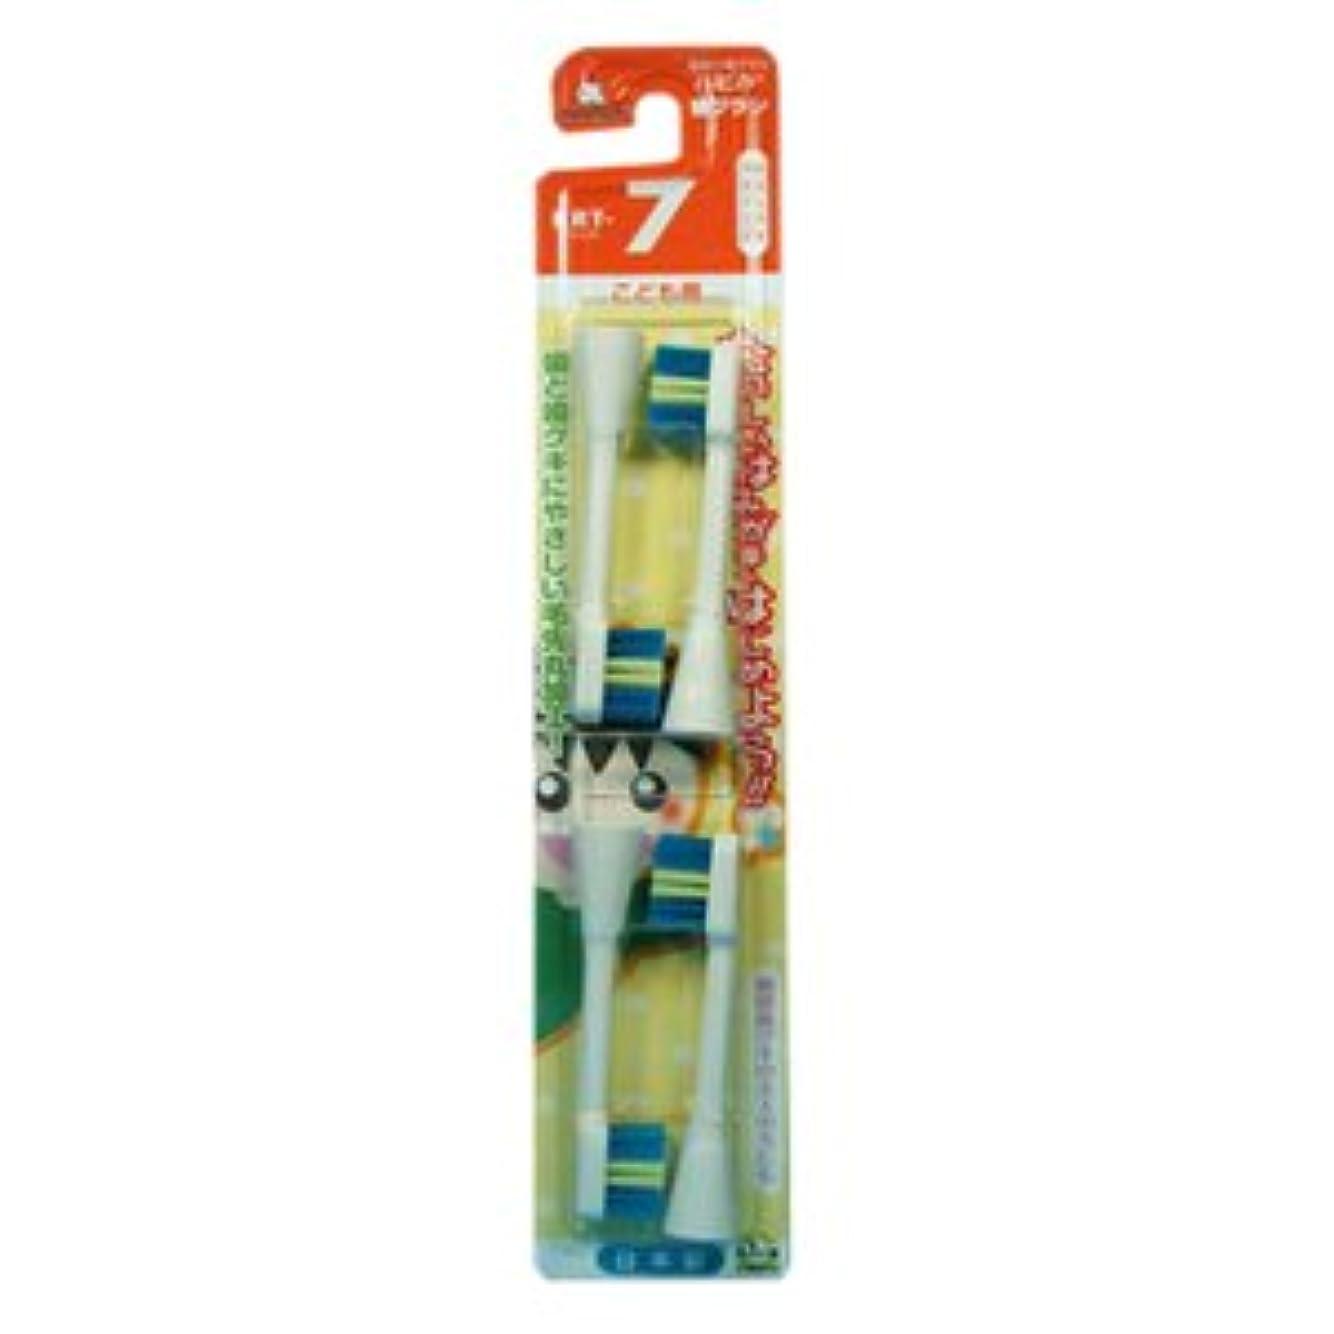 野心後継割れ目ミニマム 電動付歯ブラシ ハピカ 専用替ブラシ こども用 毛の硬さ:やわらかめ BRT-7 4個入